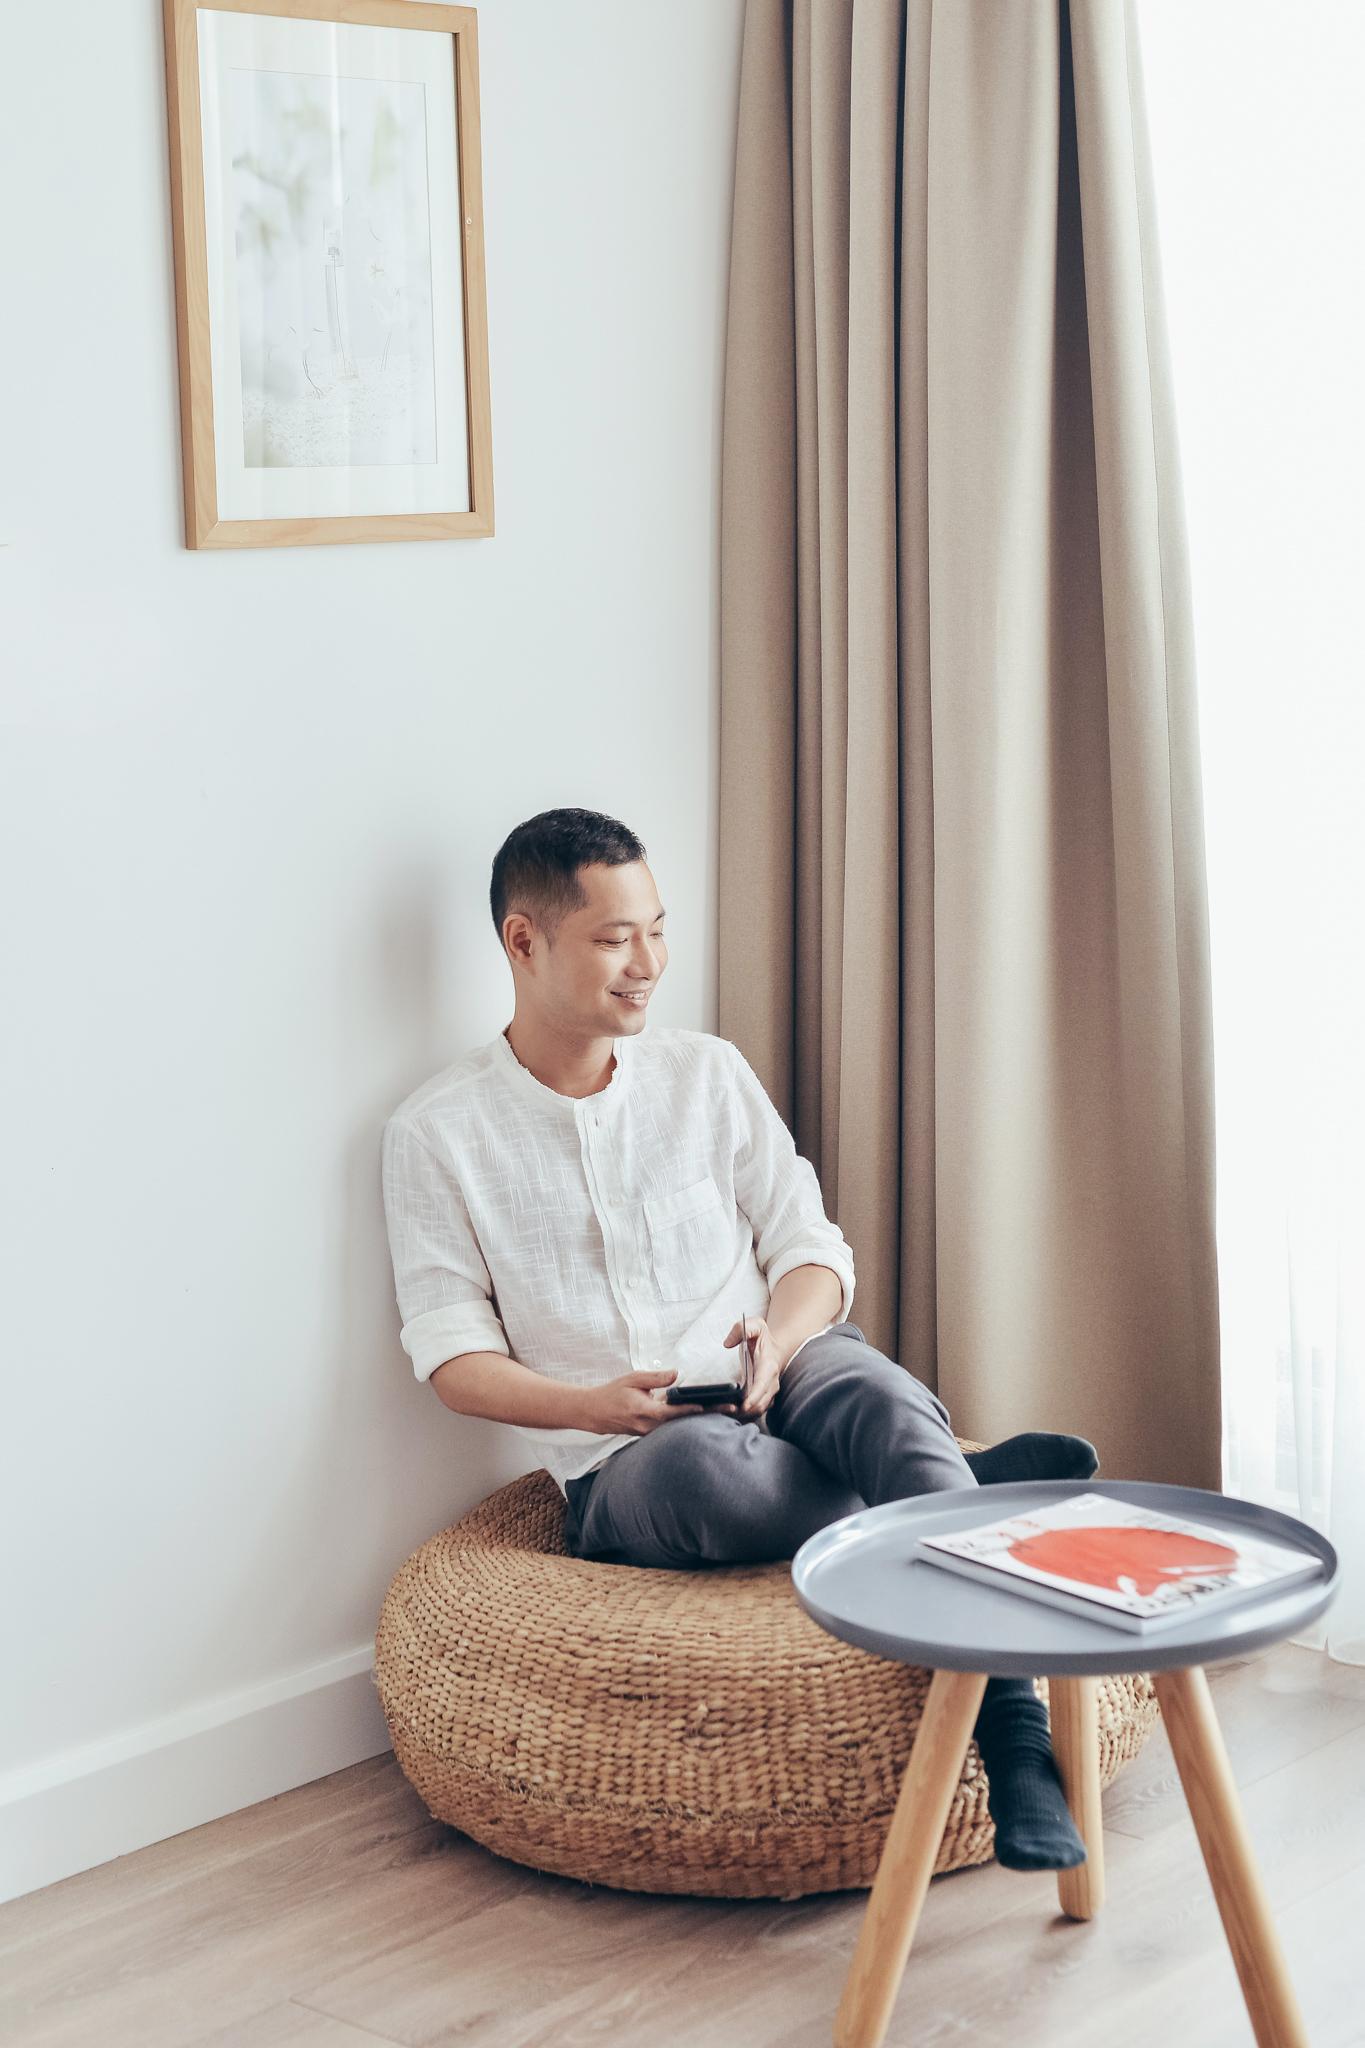 gợi ý mặc đẹp khi làm việc tại nhà của Dzung Yoko